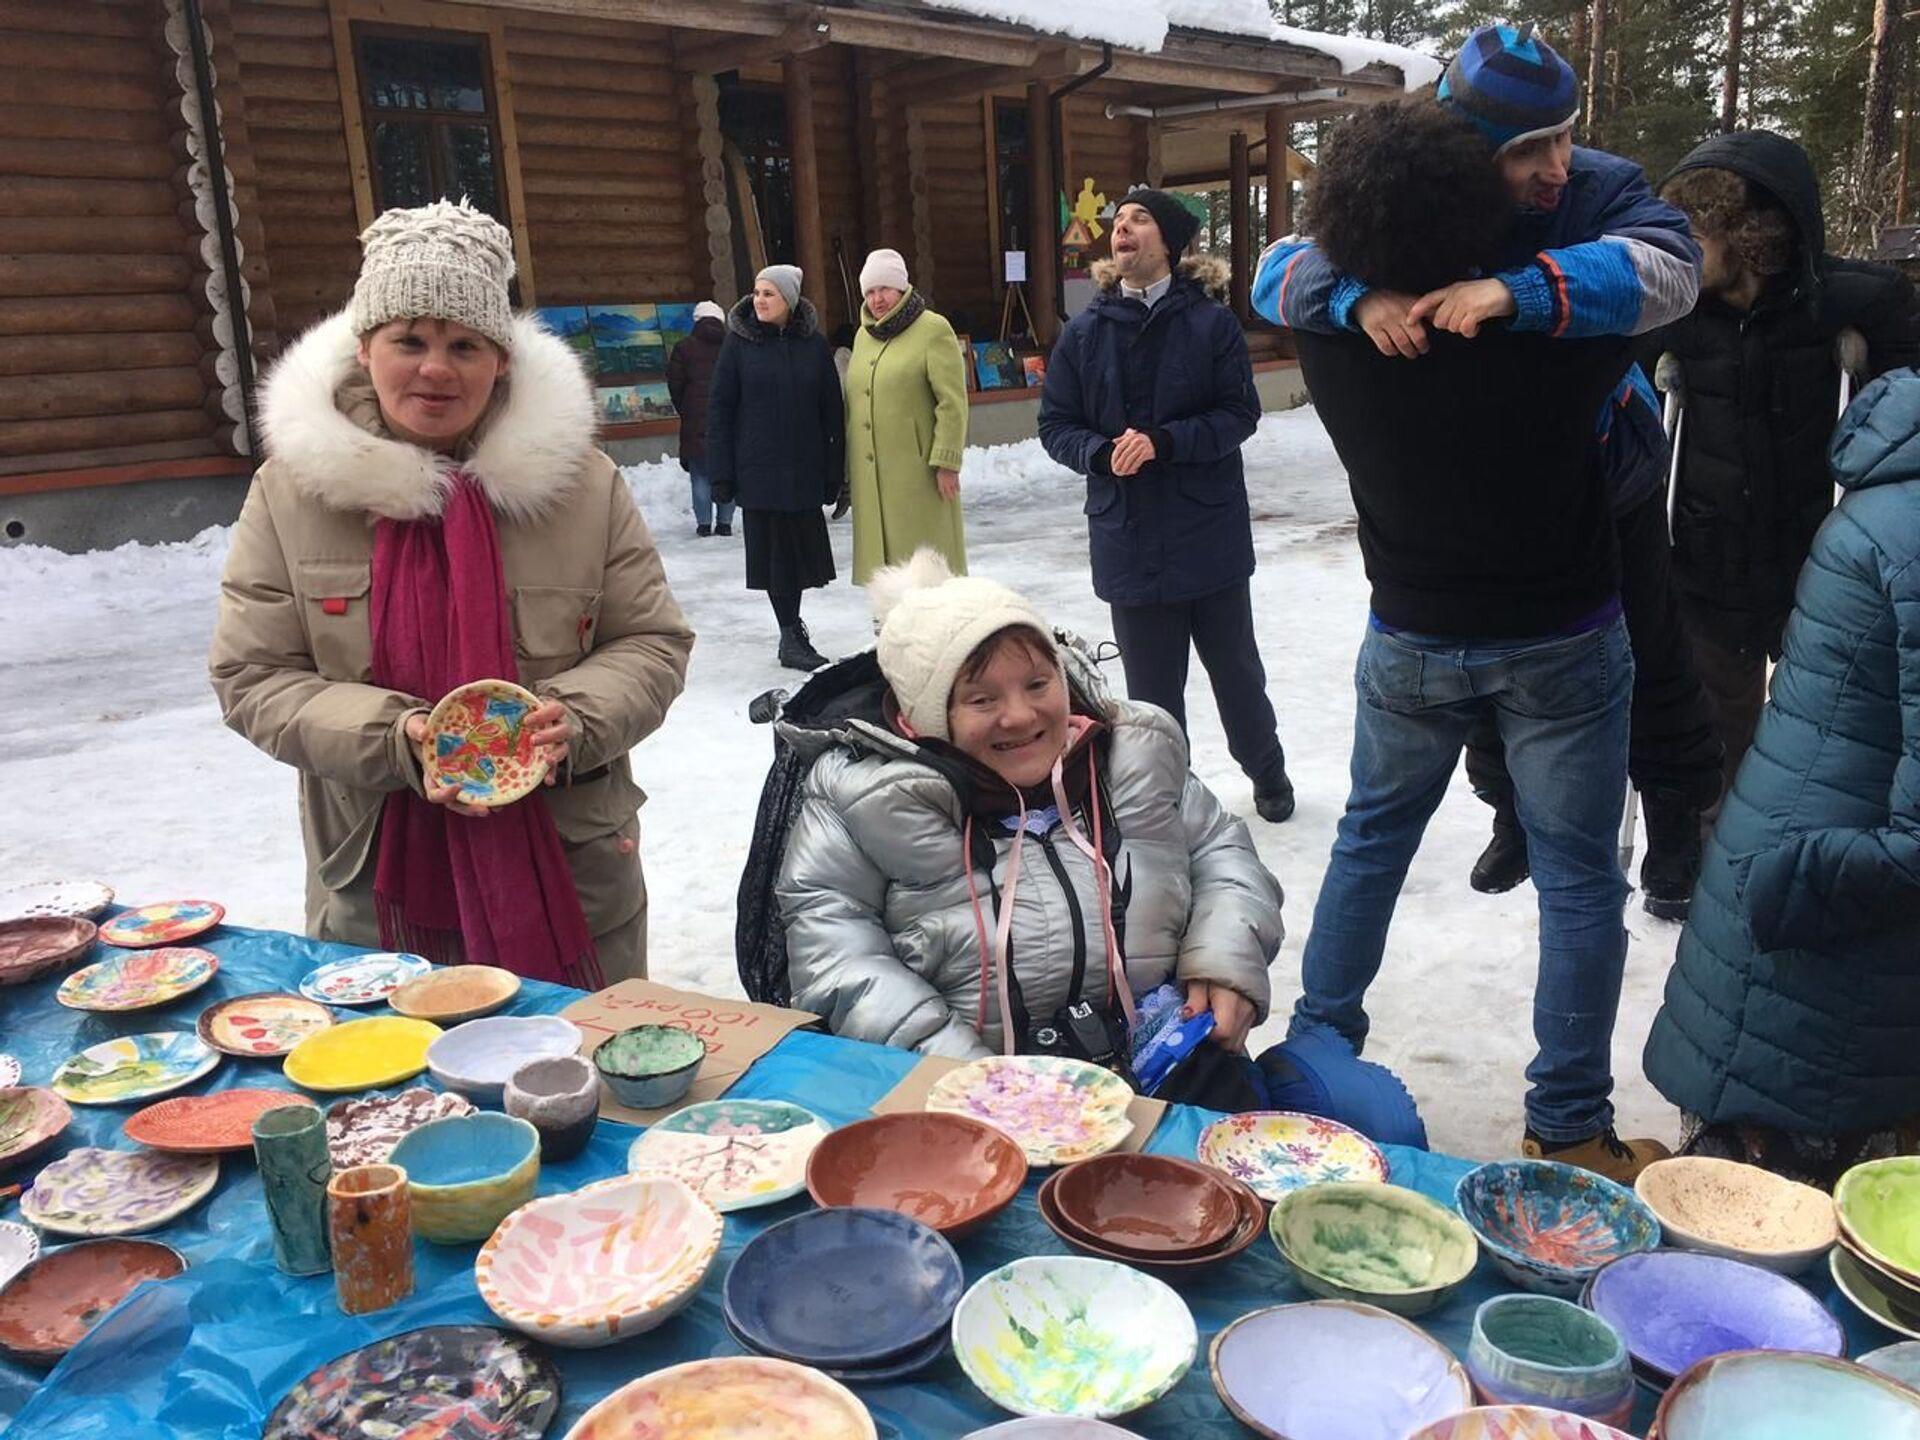 Ce Réunionnais a déménagé dans un petit village de Russie pour aider les handicapés – reportage - Sputnik France, 1920, 18.03.2021